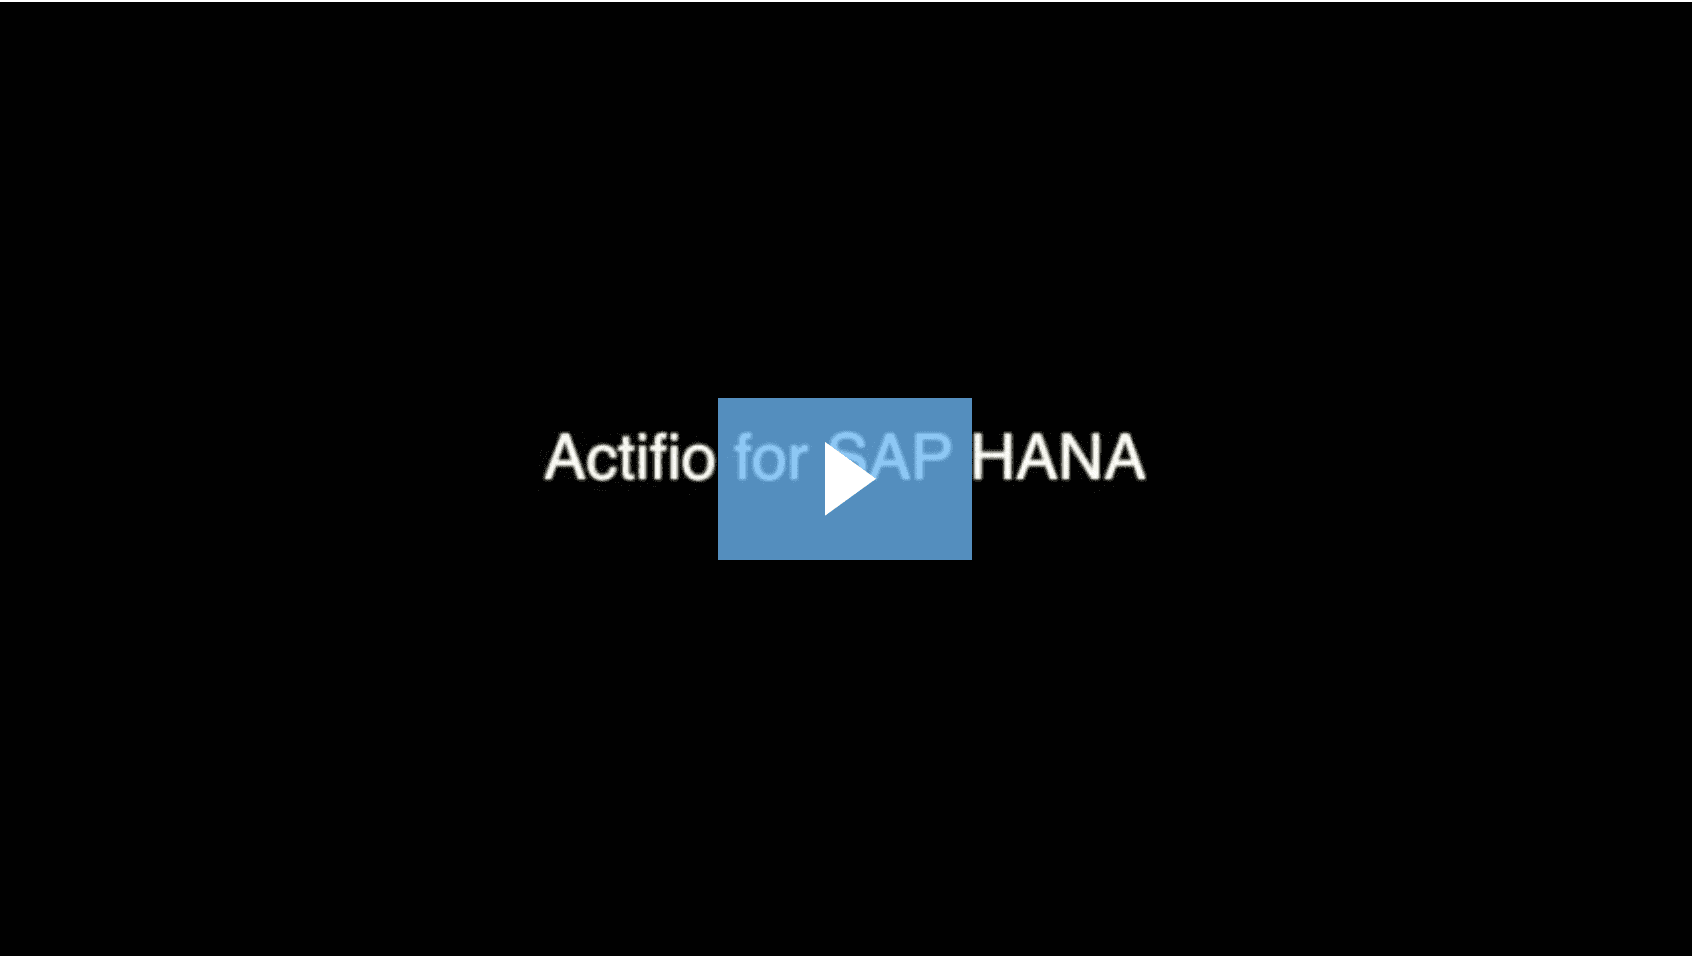 Actifio for SAP